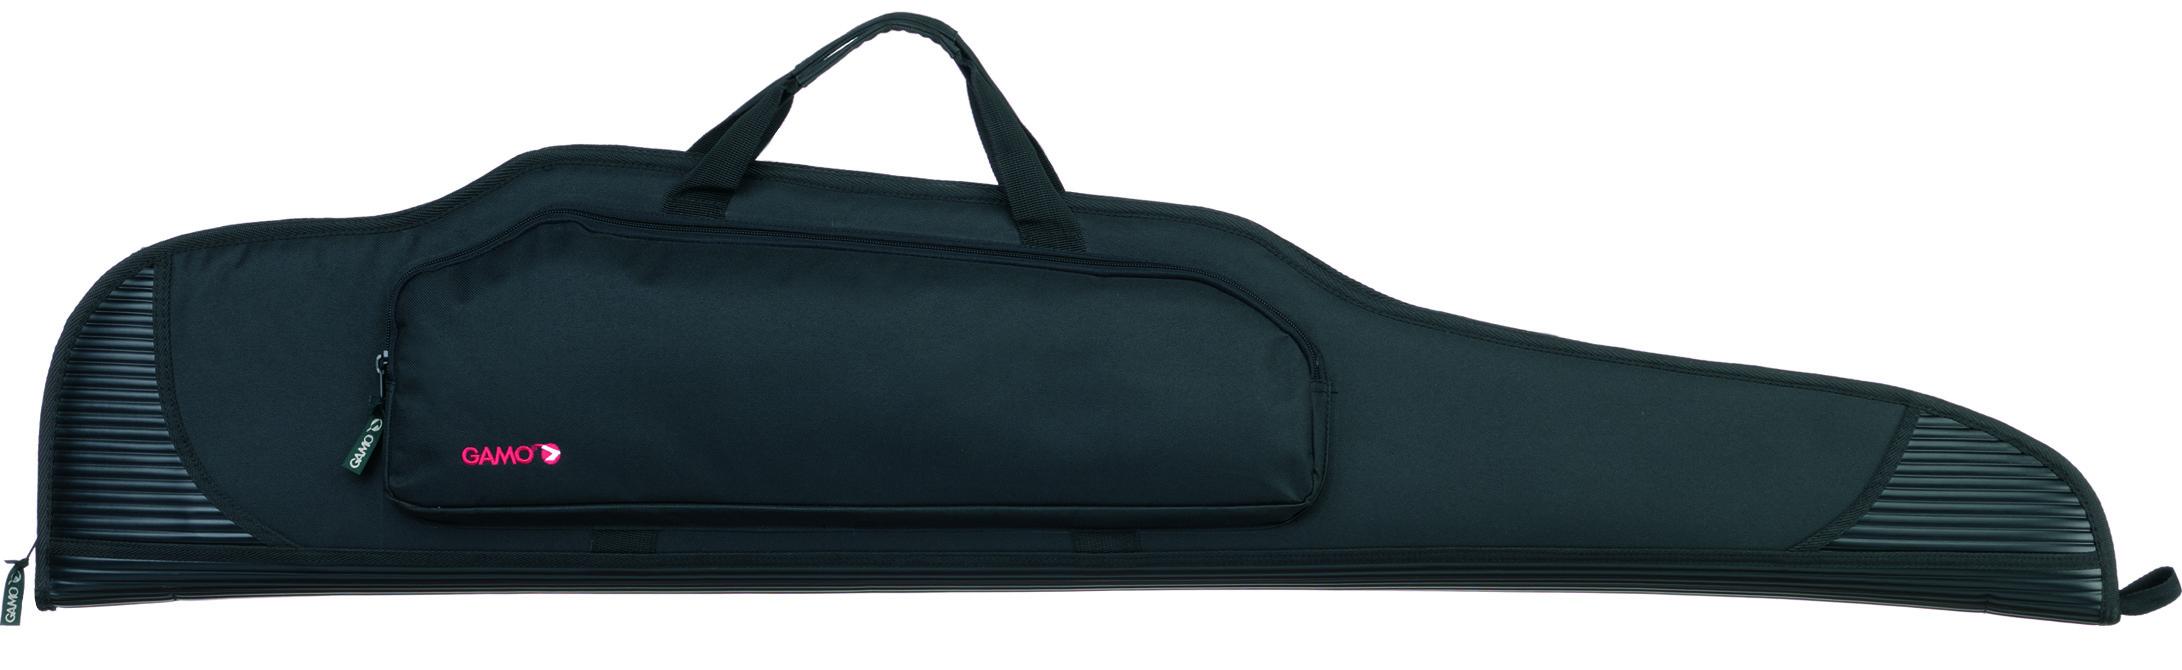 Funda GAMO, modelo LUXE NEGRA, 125 cm.-0